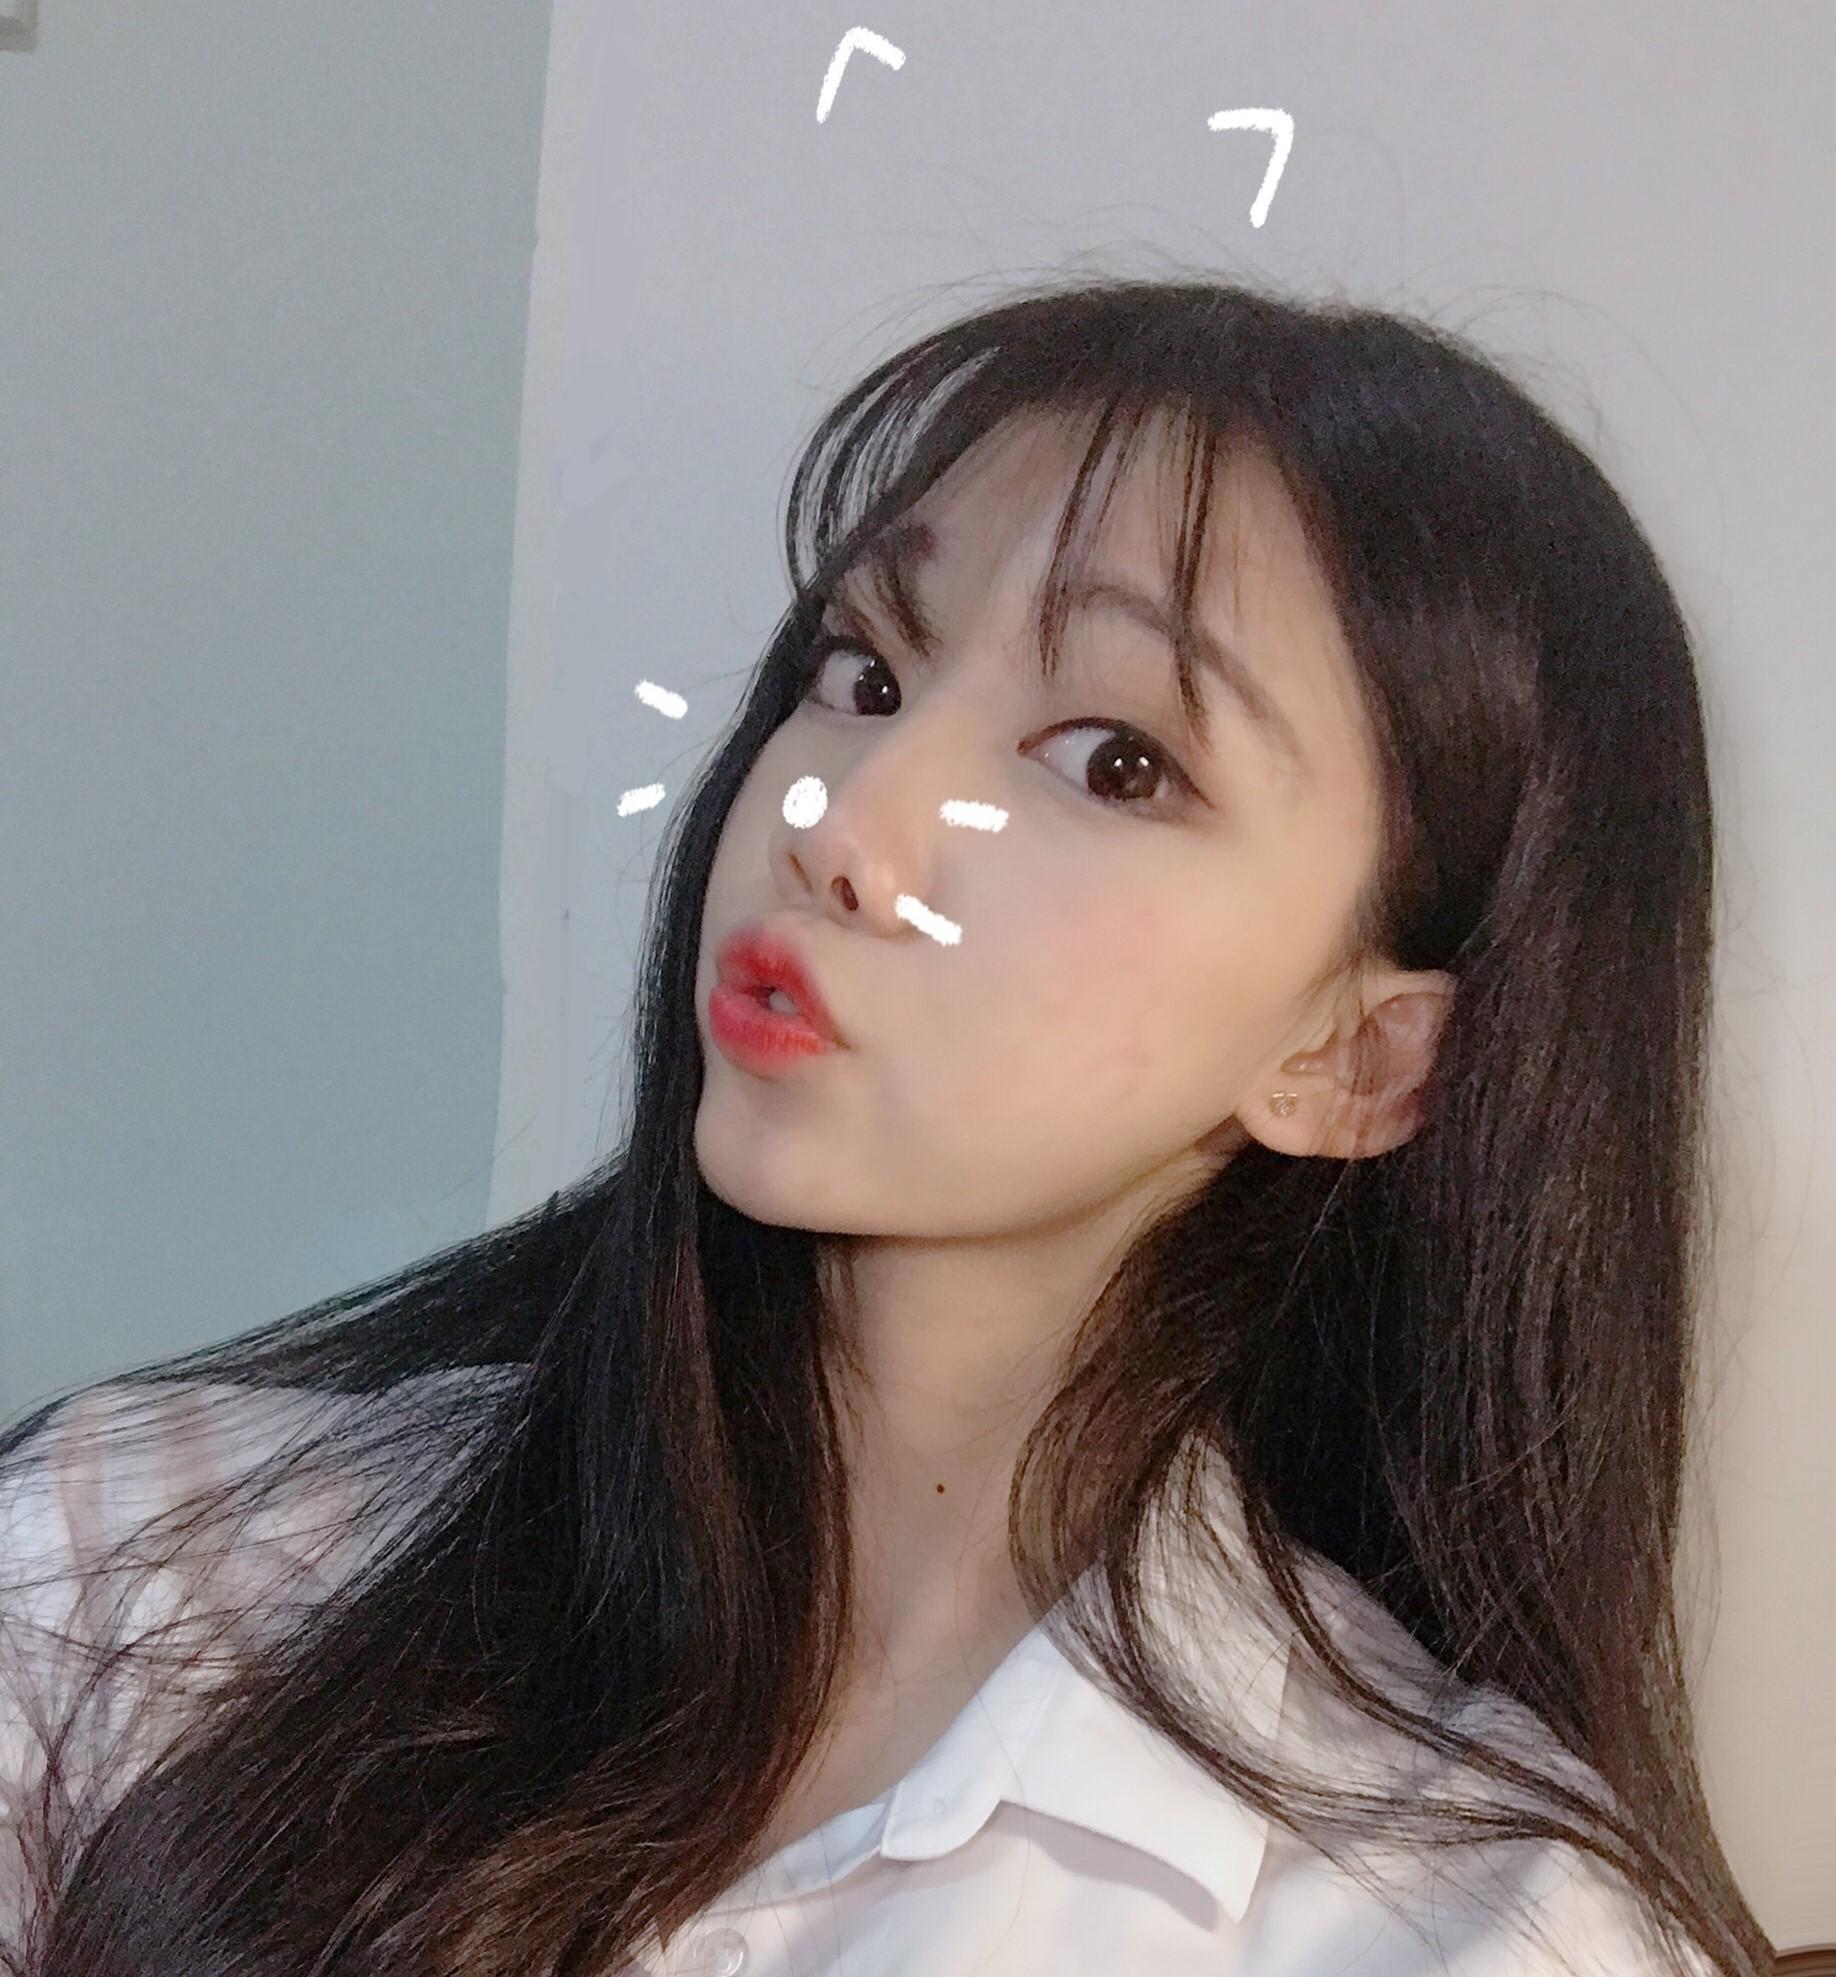 Seung_heo